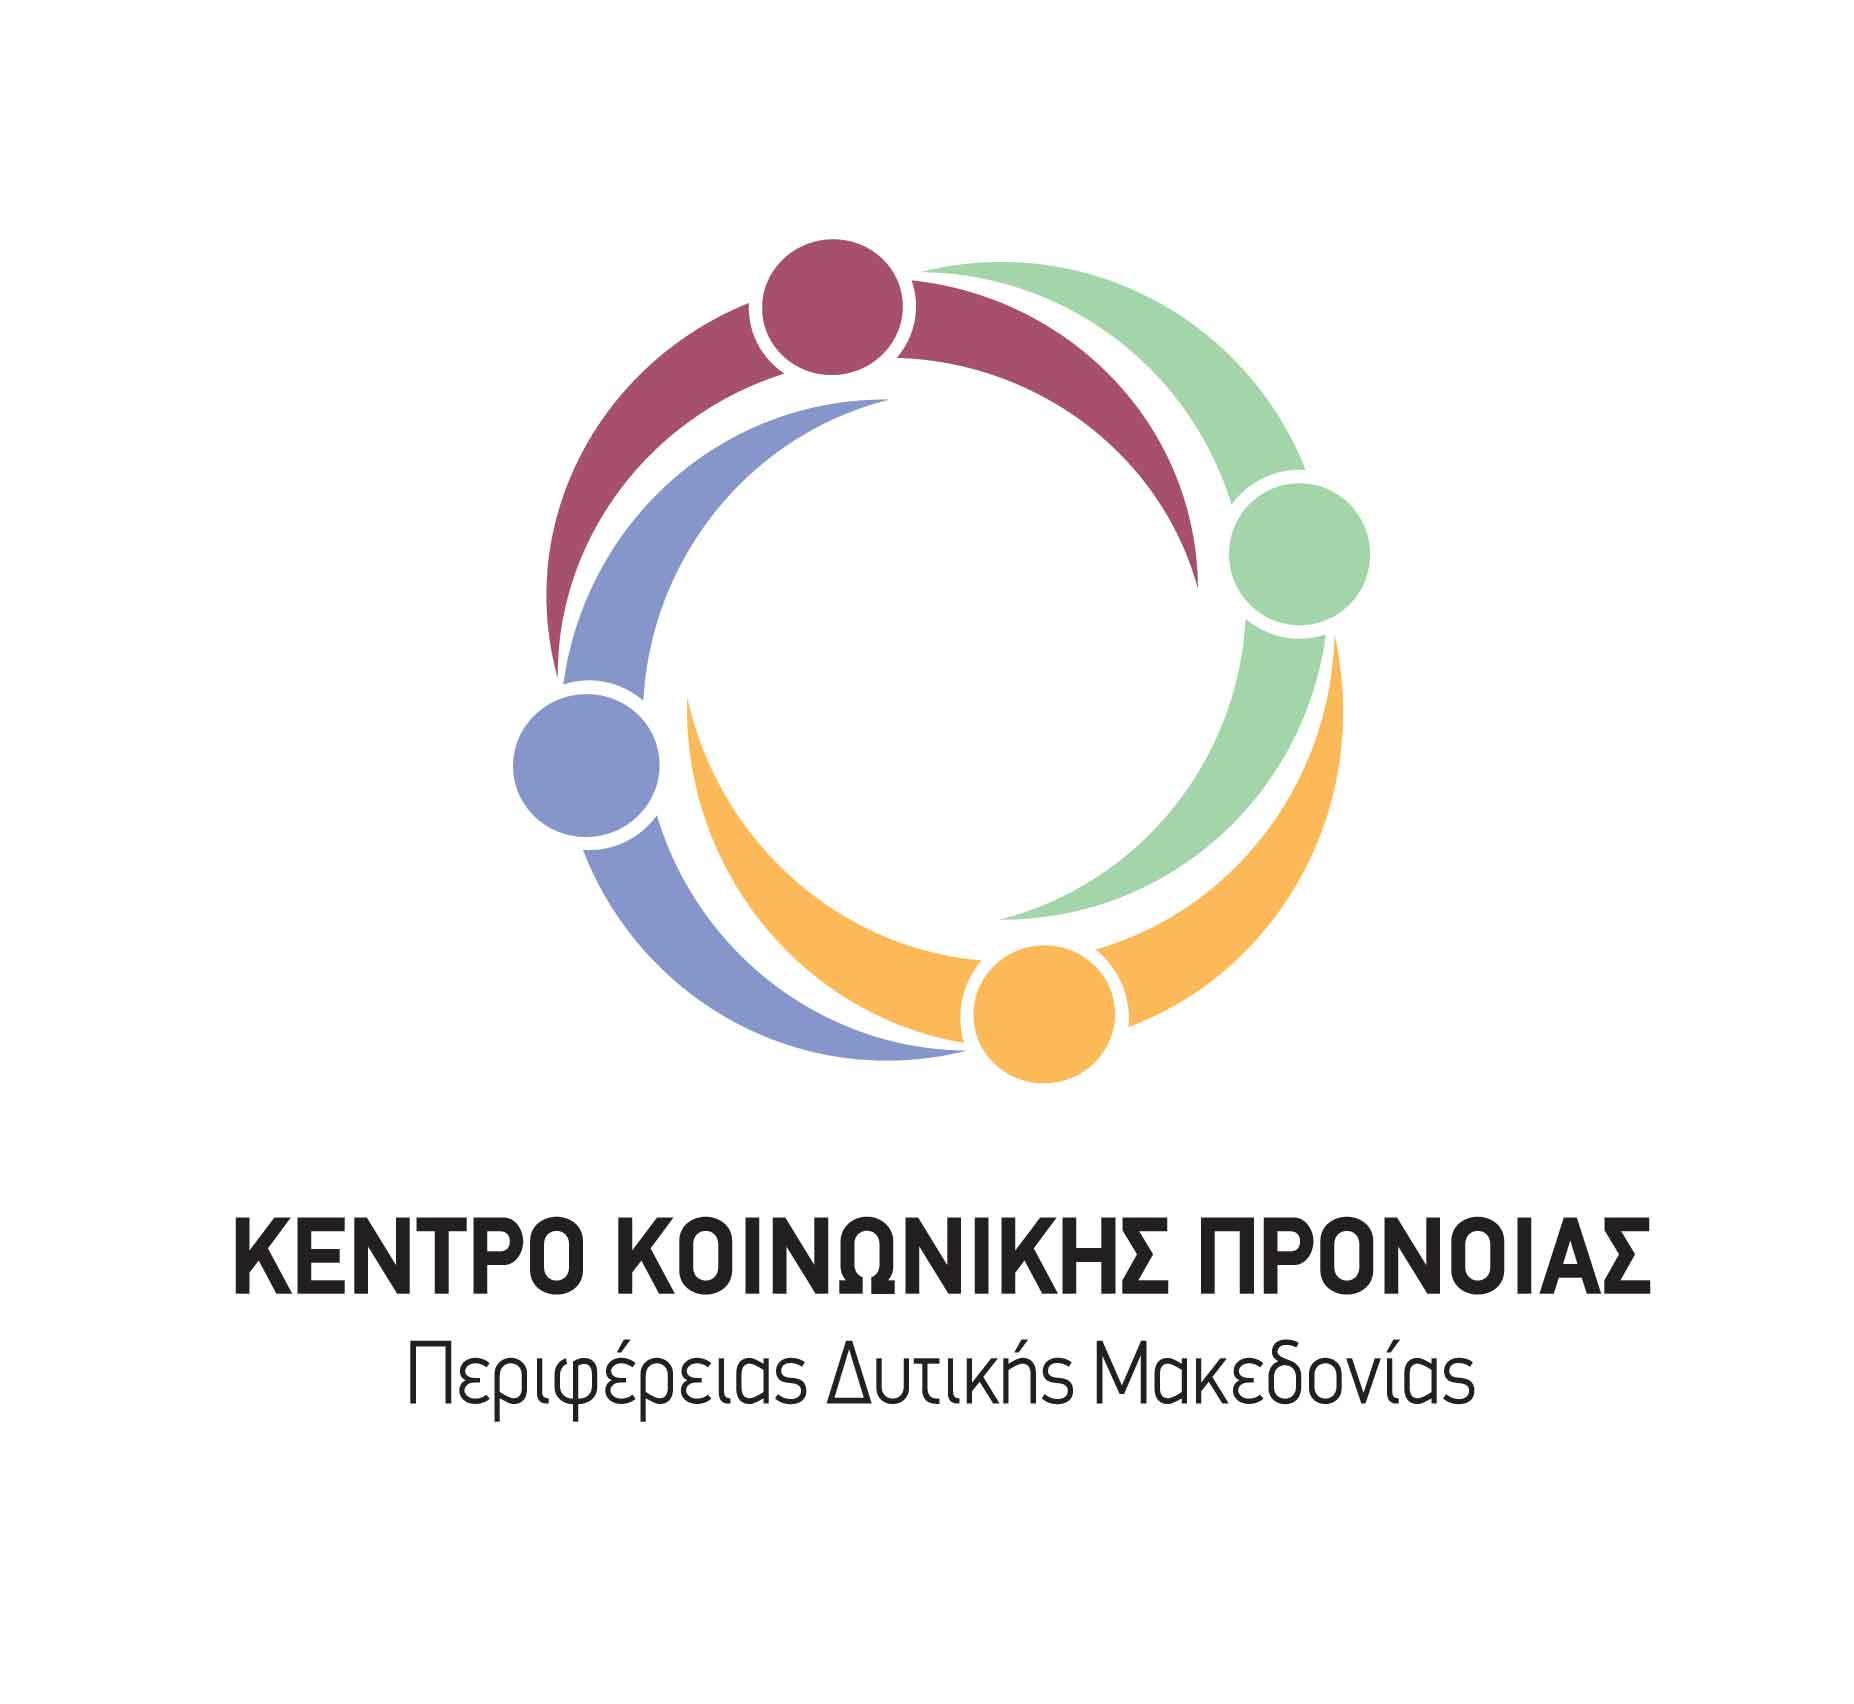 kentpo-koinonikhe-ttponoiae-ttepioepeiae-aytikhe-makeaoniae